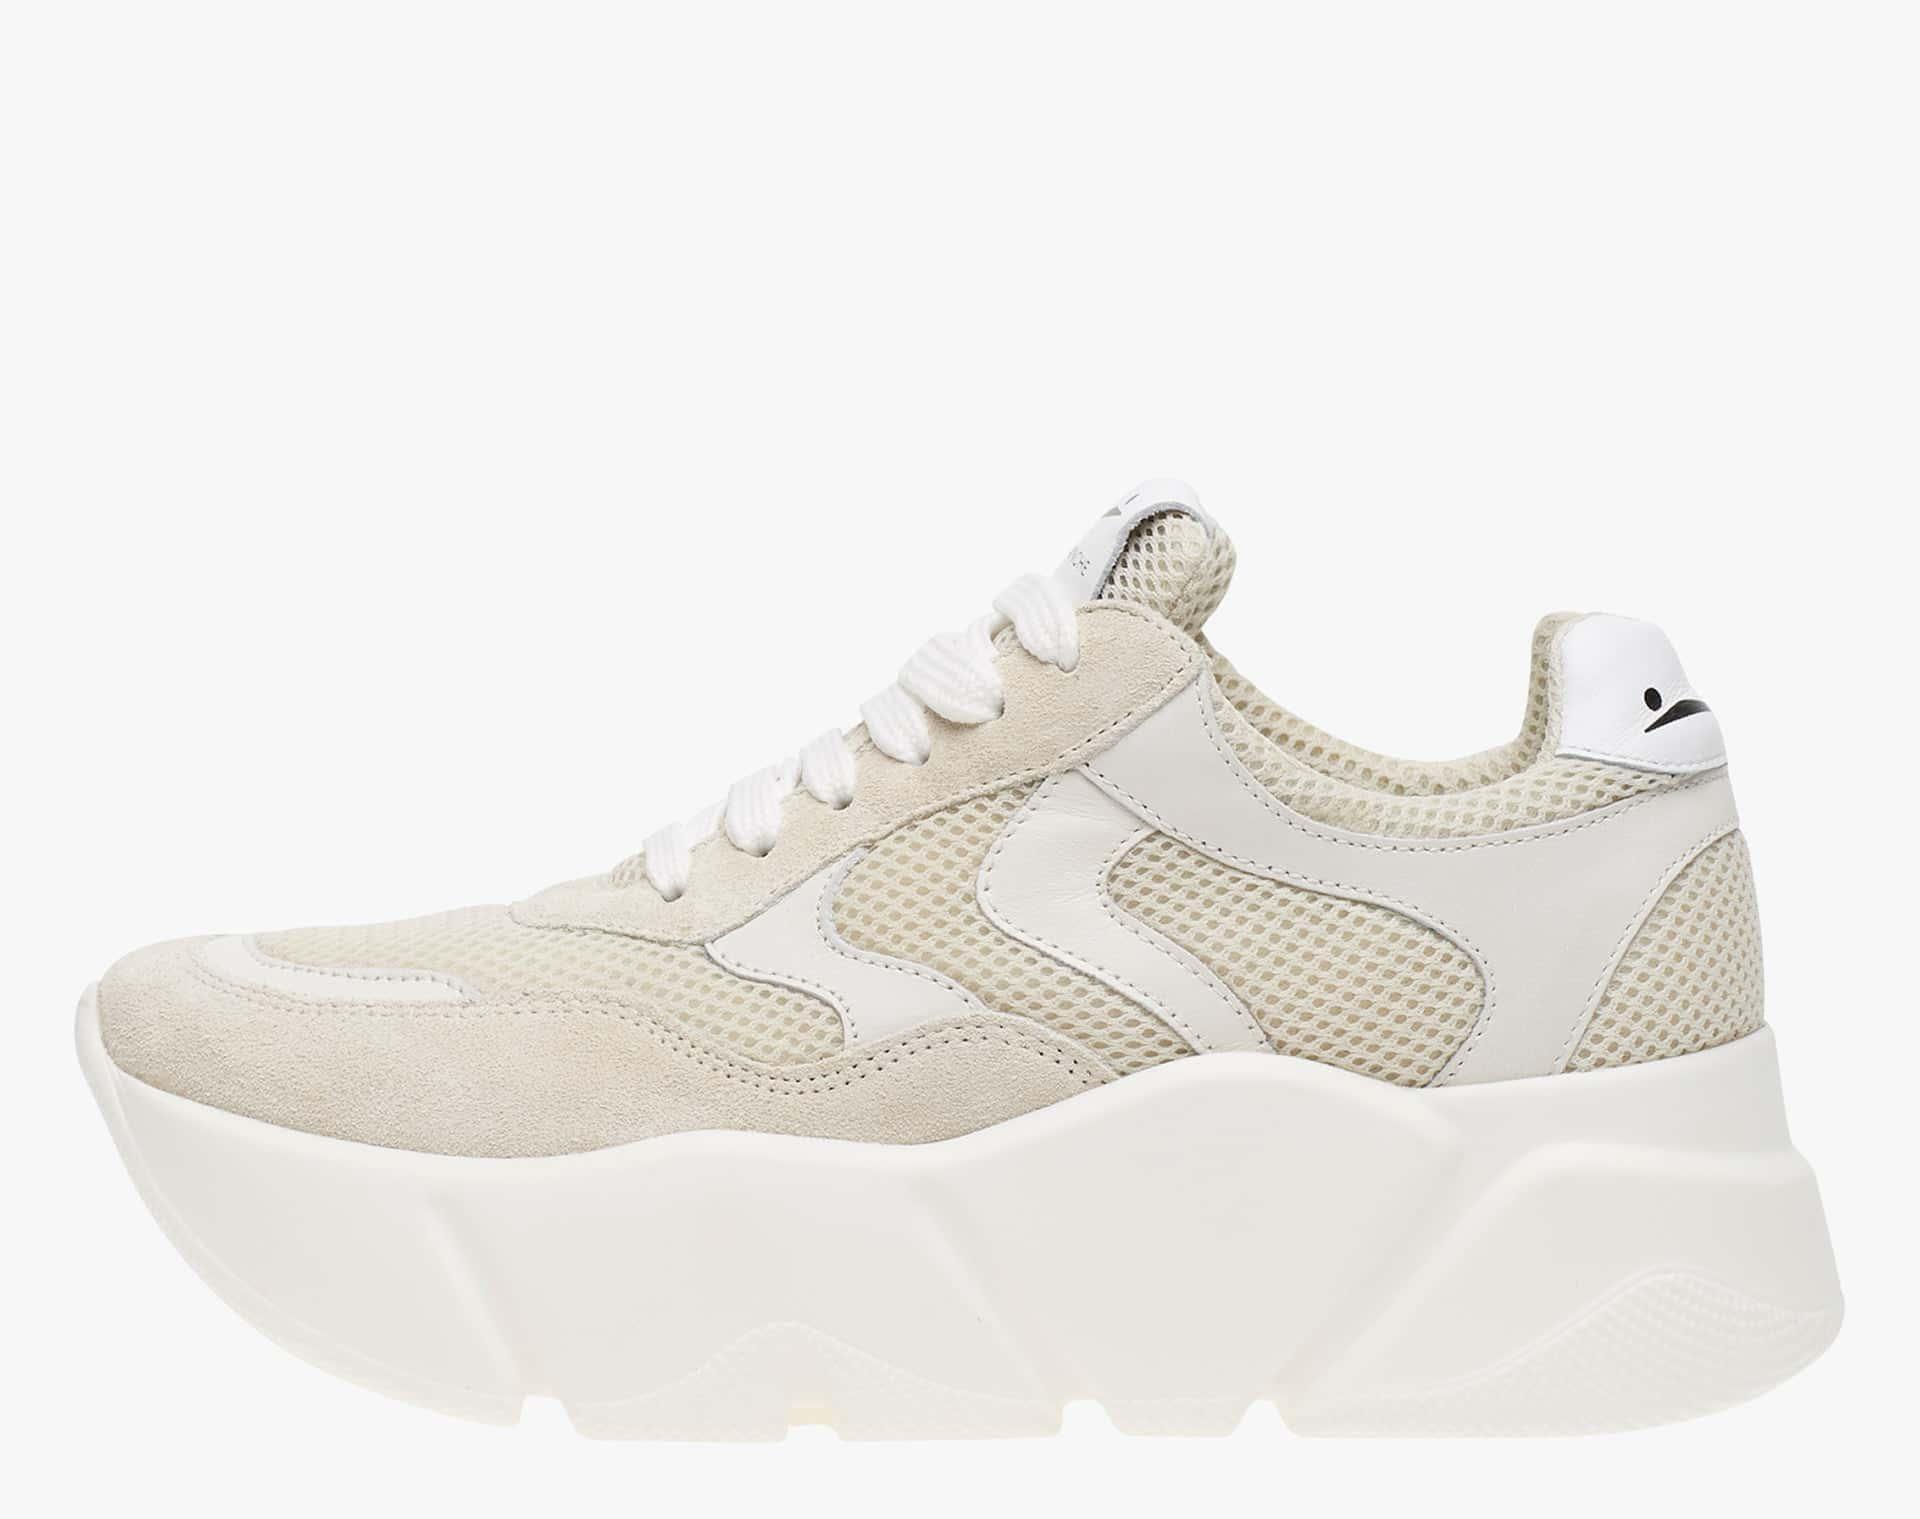 MONSTER - Sneaker con maxi suola e inserti in rete - Panna